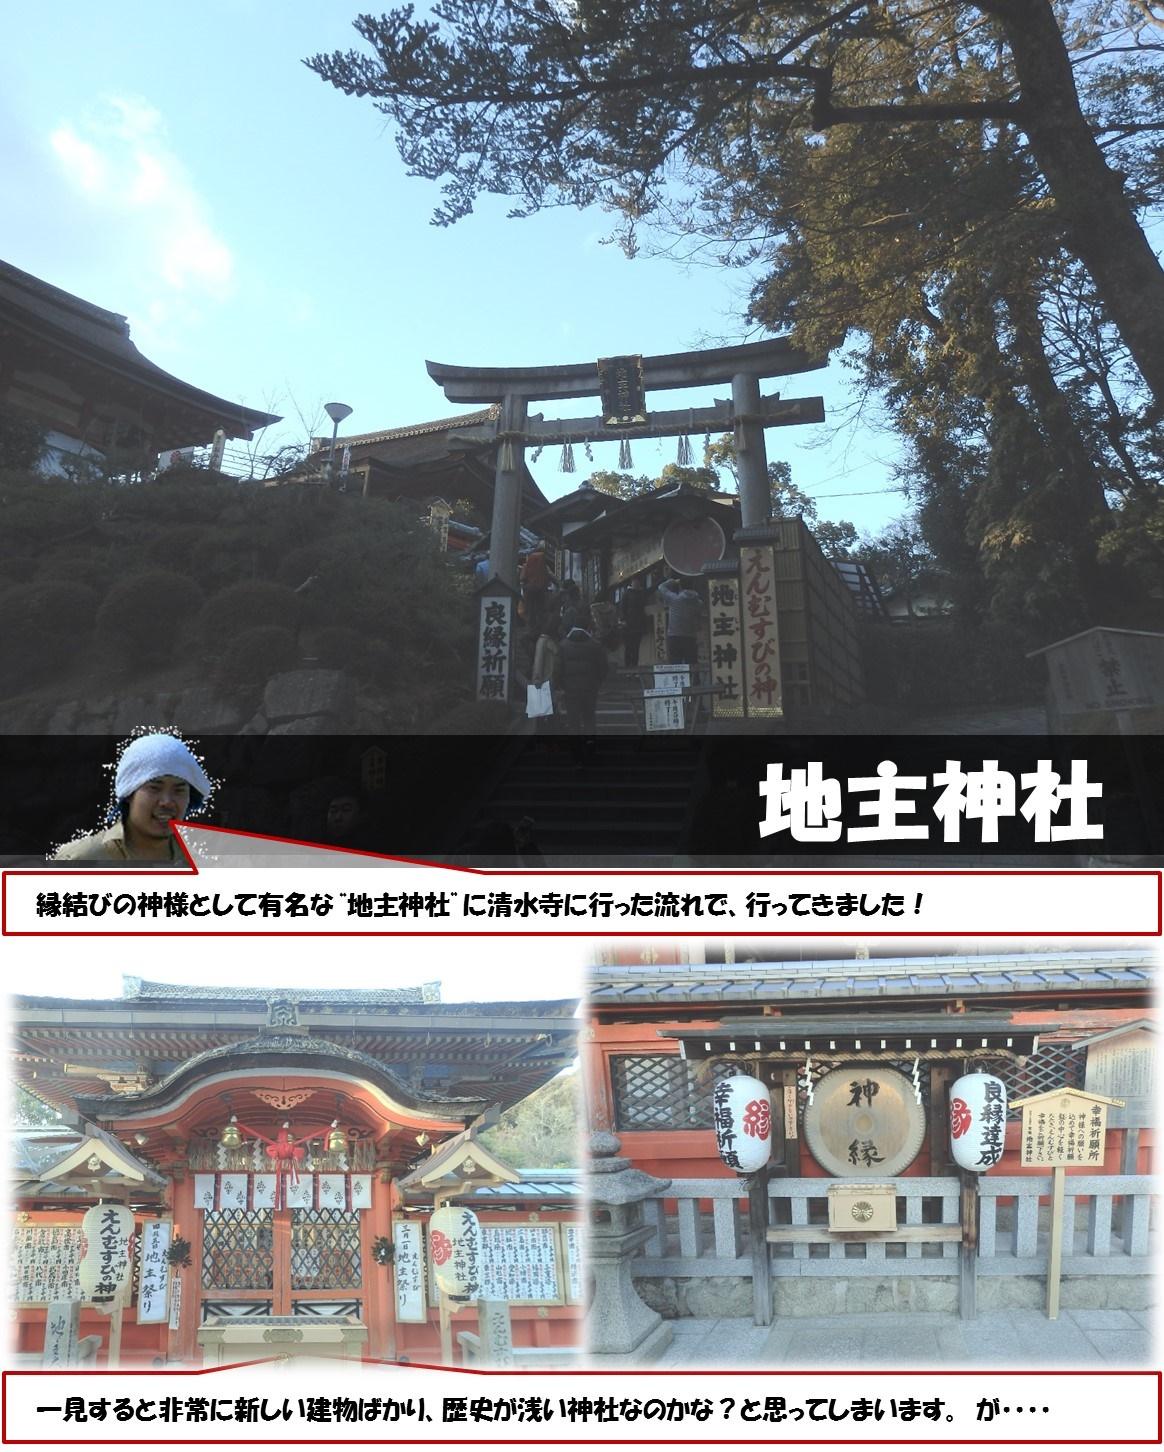 """地主神社 縁結びの神様として有名な""""地主神社""""に清水寺に行った流れで、行ってきました! 一見すると非常に新しい建物ばかり、歴史が浅い神社なのかな?と思ってしまいます。 が・・・・"""